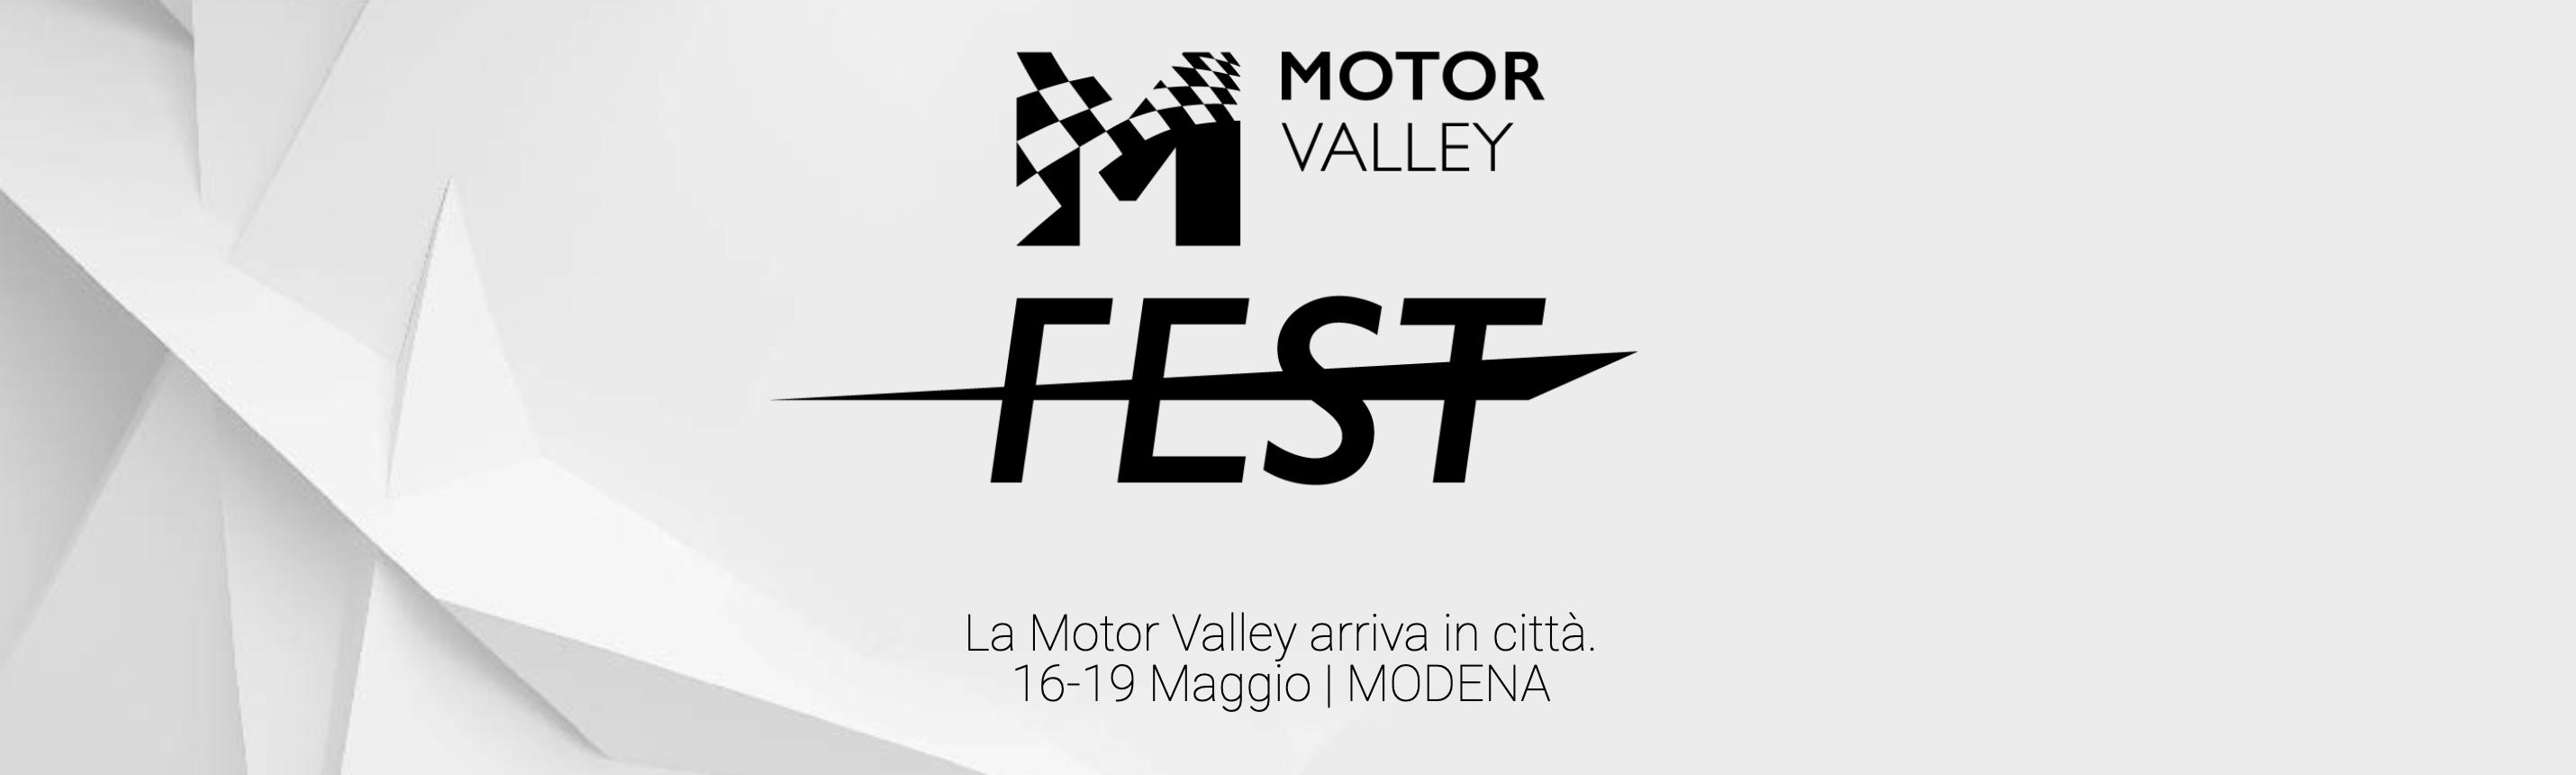 Guida al Motor Valley Fest